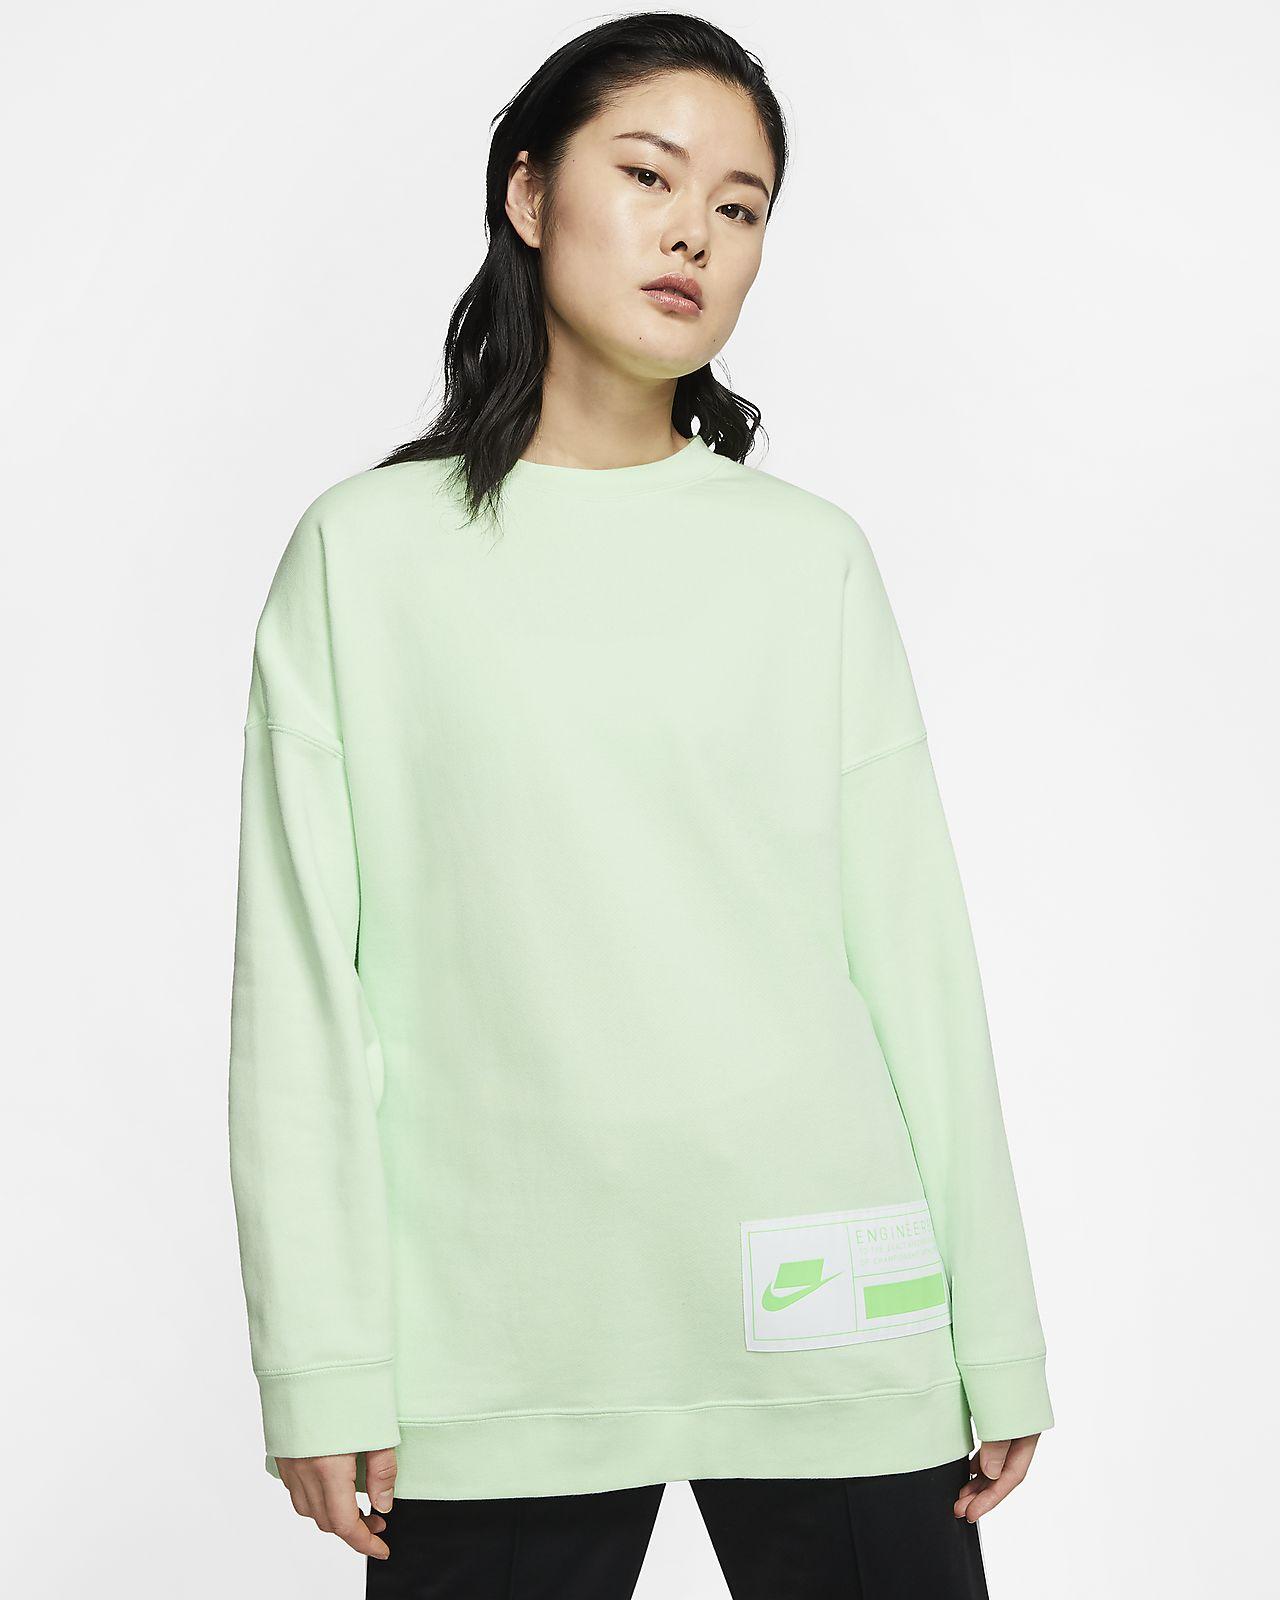 Fleecetröja med rund hals Nike Sportswear NSW